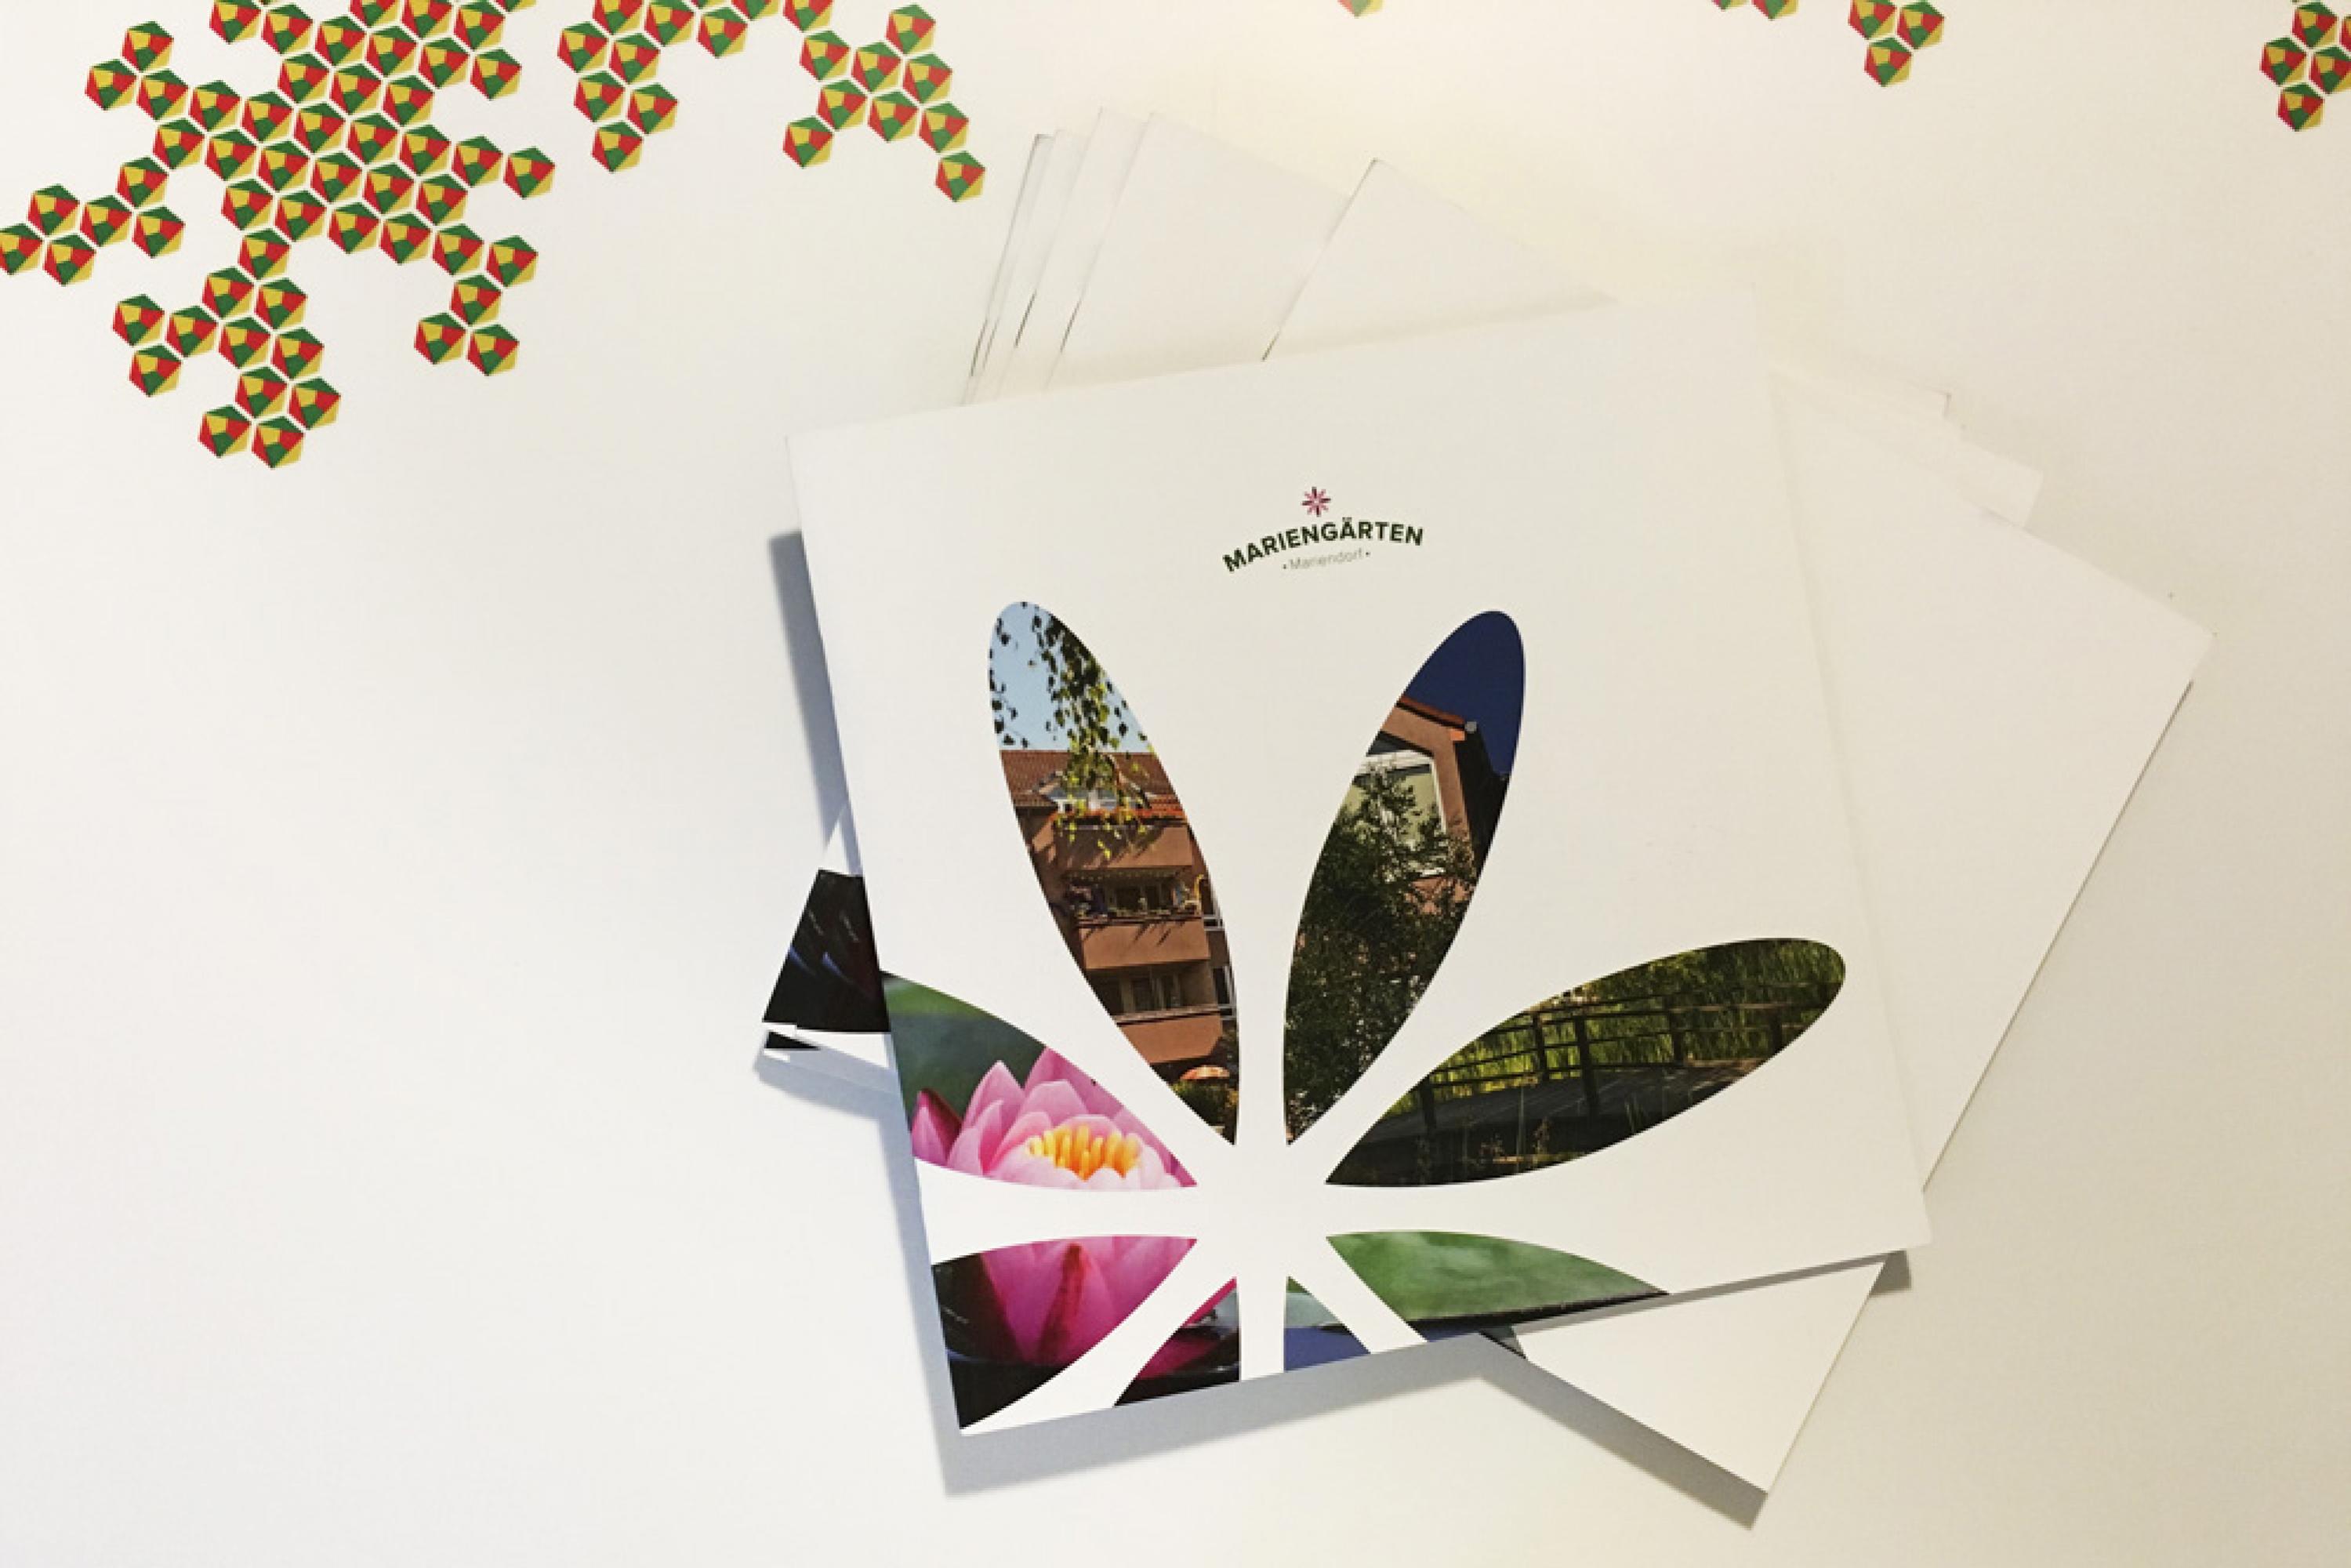 immobilien-broschüre-design-grafik-branding-berlin01a Kopie